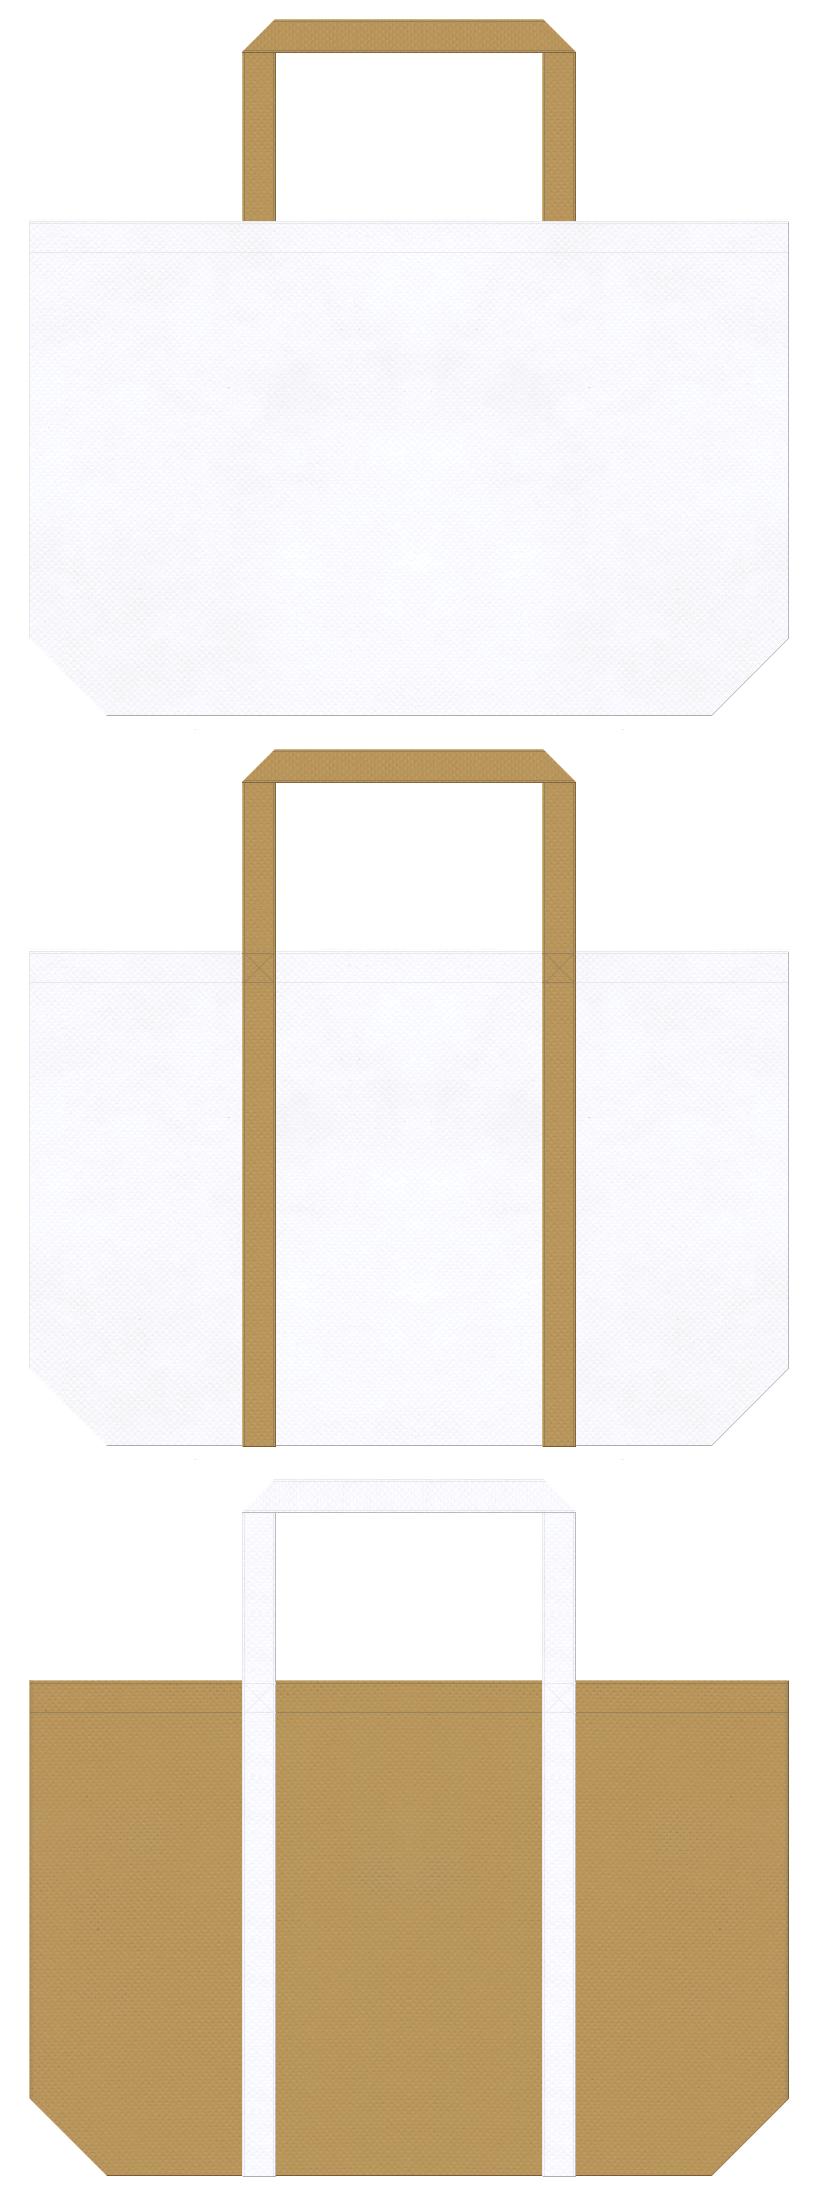 バスタオル・バスローブ・ホテル・アメニティグッズ・スイーツ・保冷バッグにお奨めの不織布バッグデザイン:白色と金黄土色のコーデ